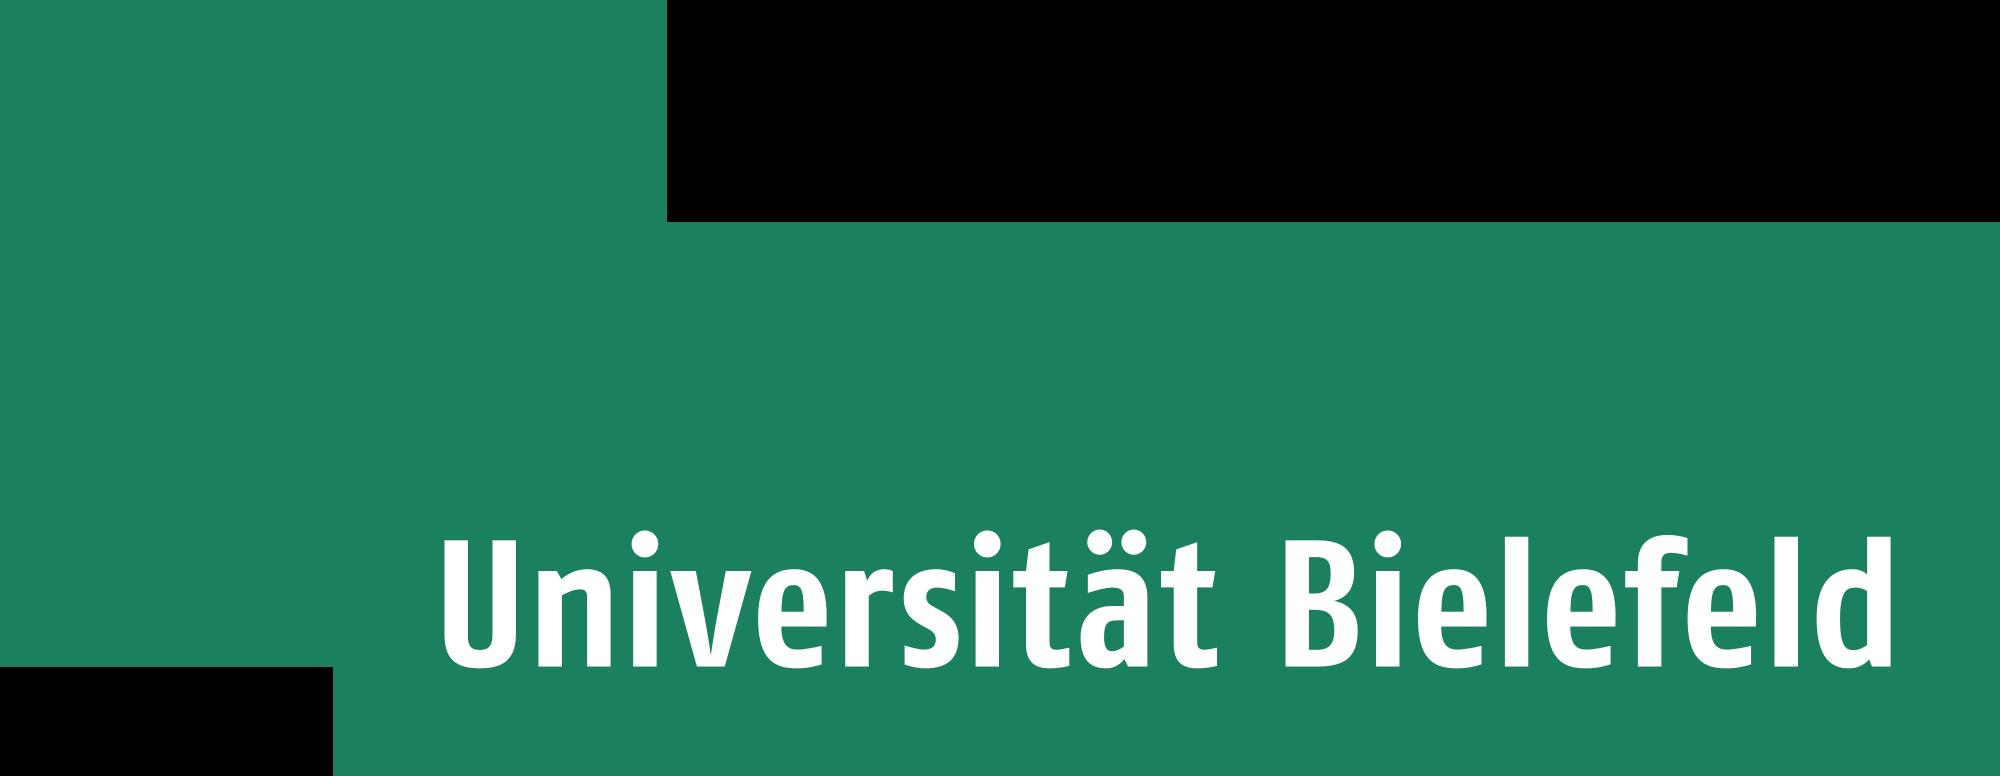 Europäisches Privatrecht an der Universität Bielefeld